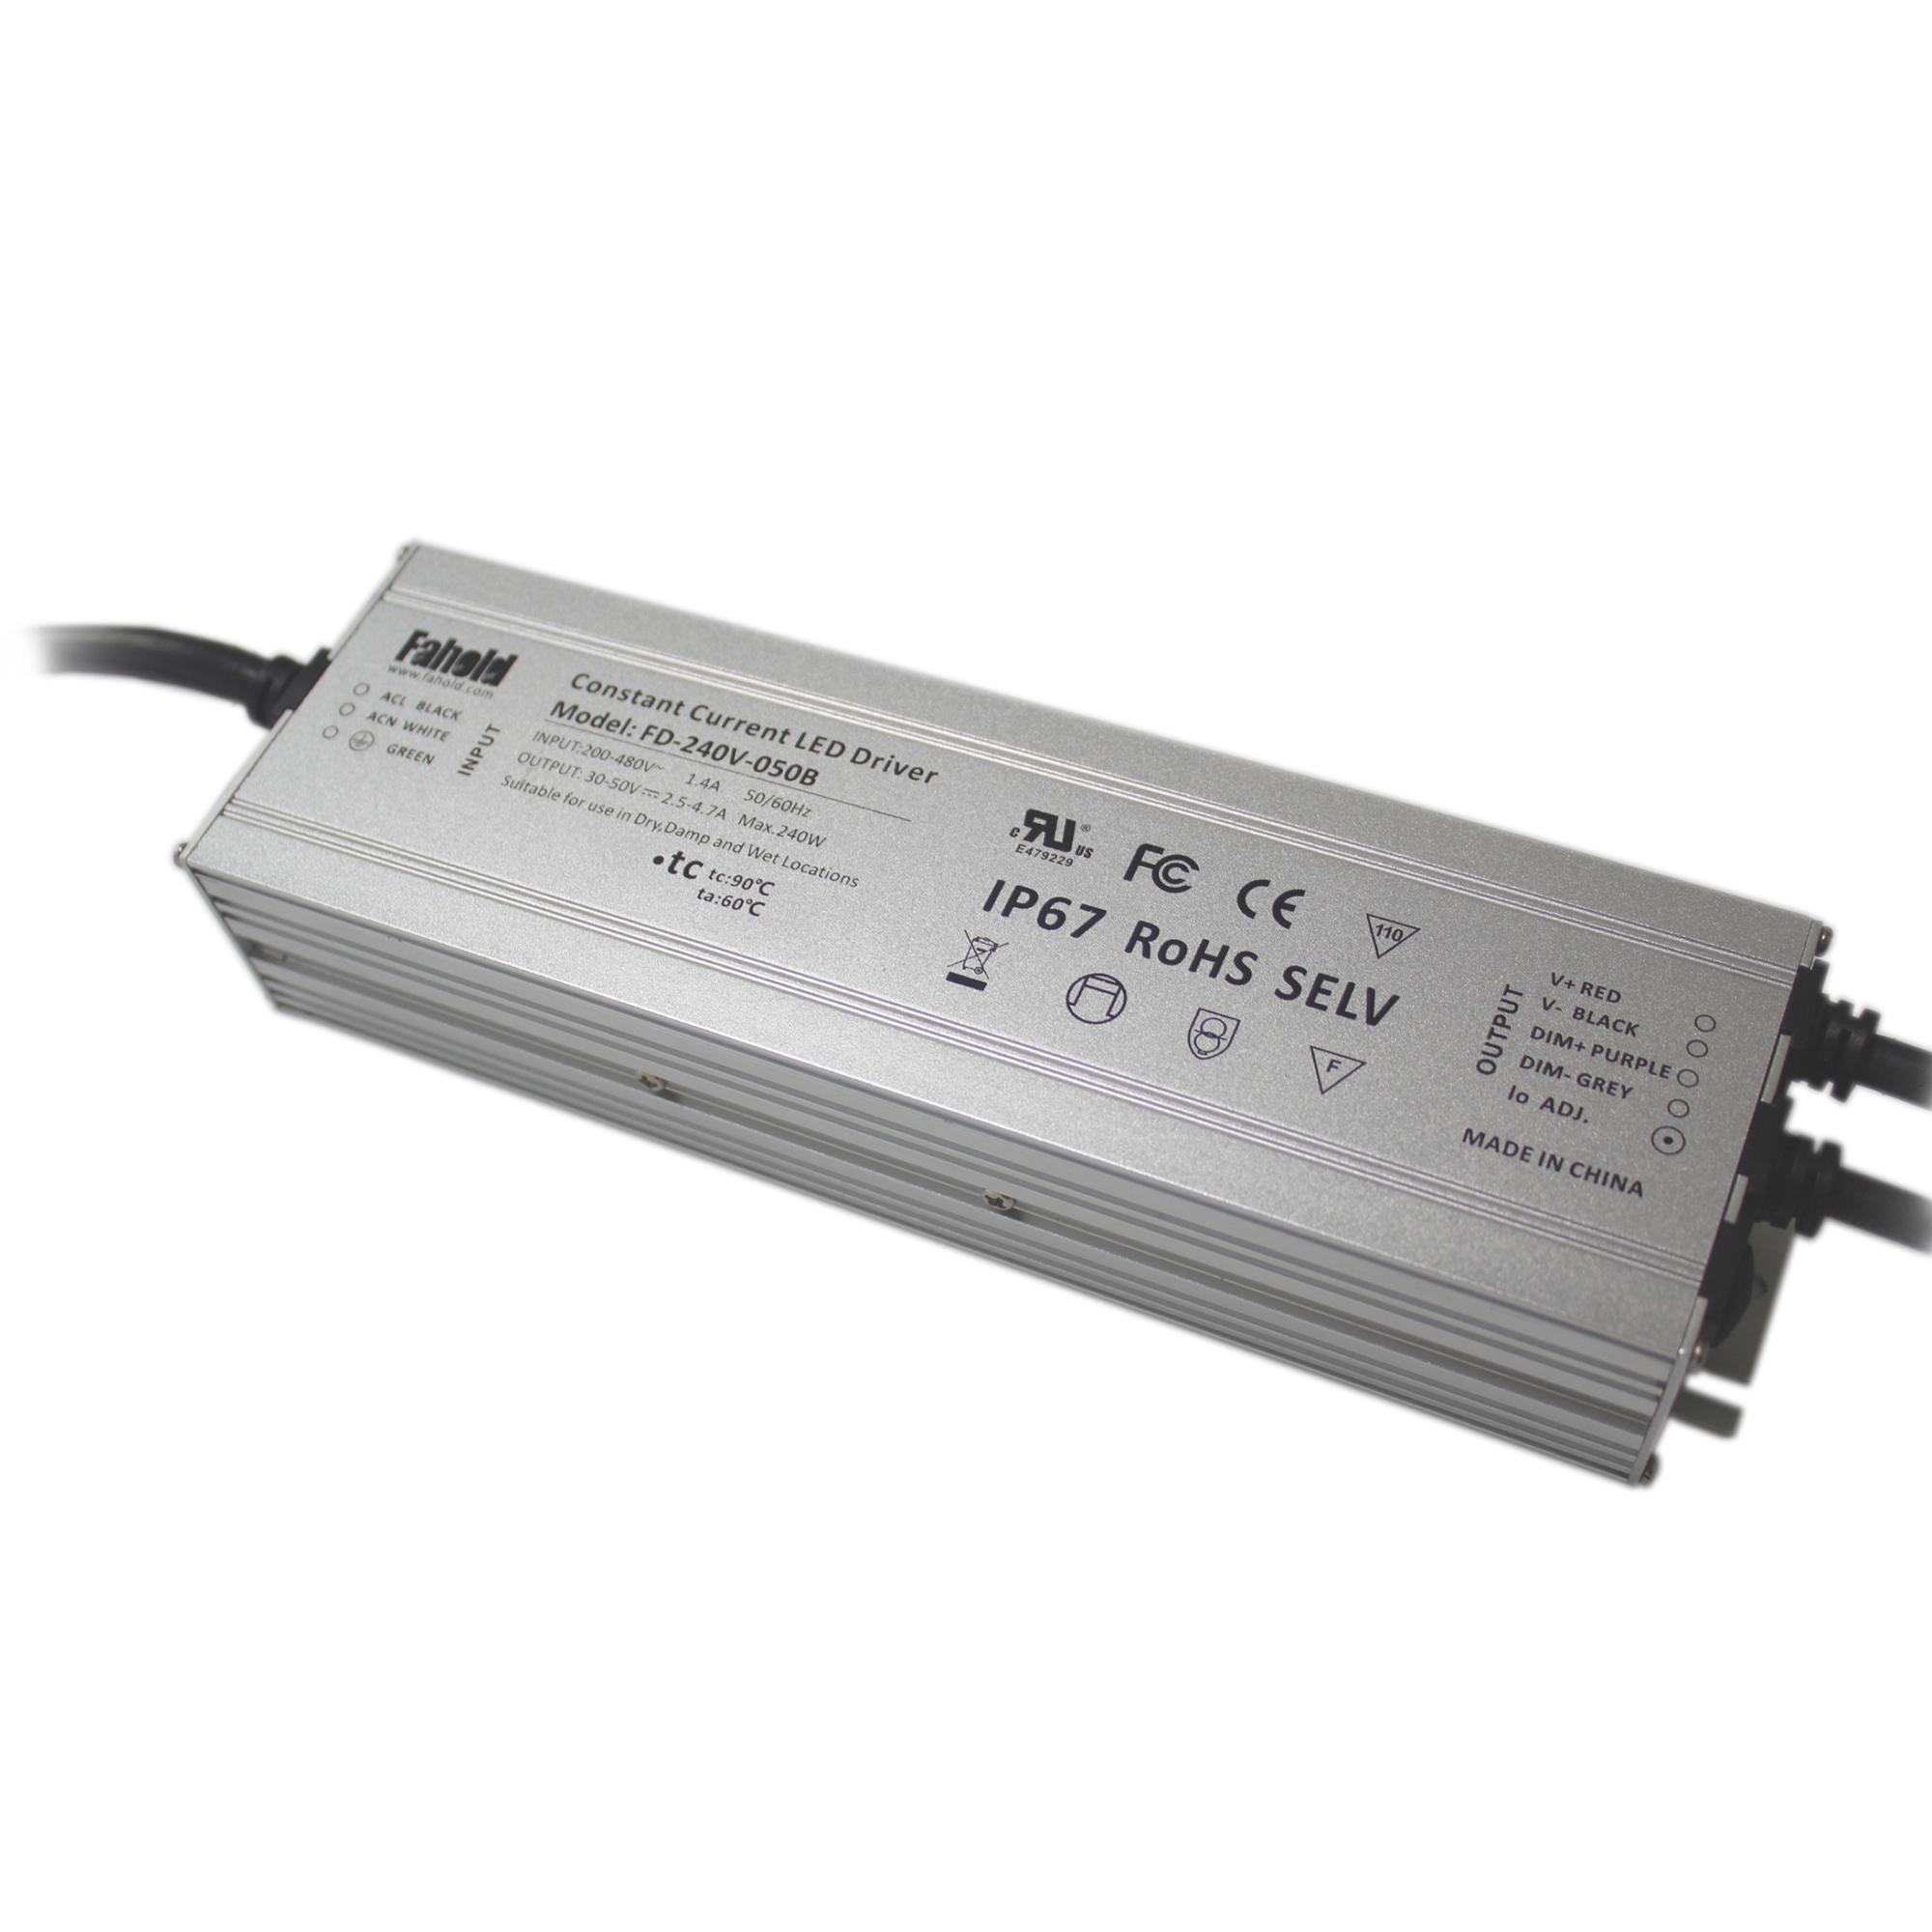 FD-240V-050B 240W